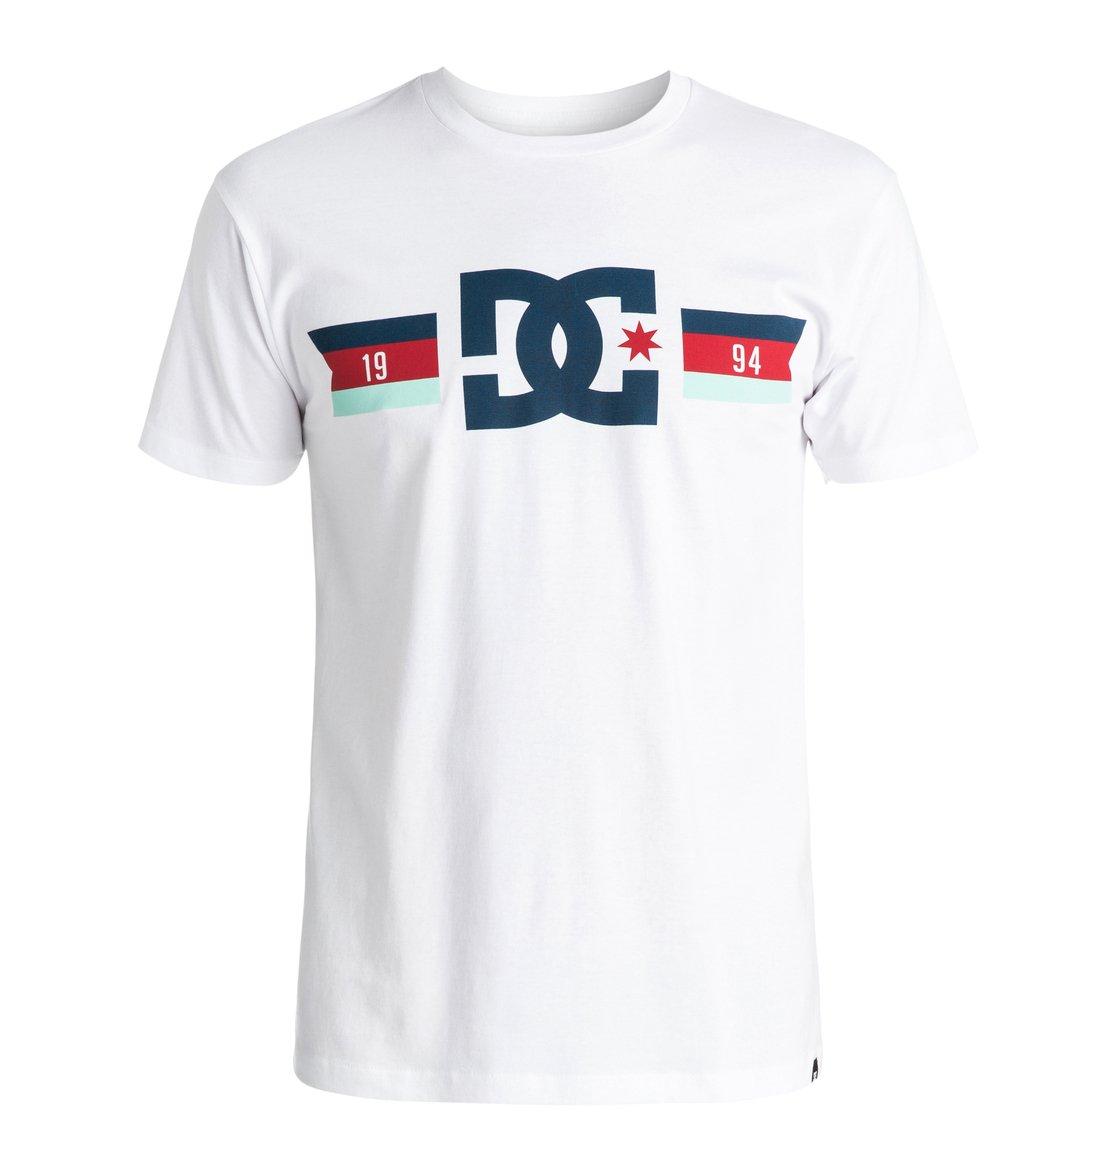 Flagged - T-Shirt